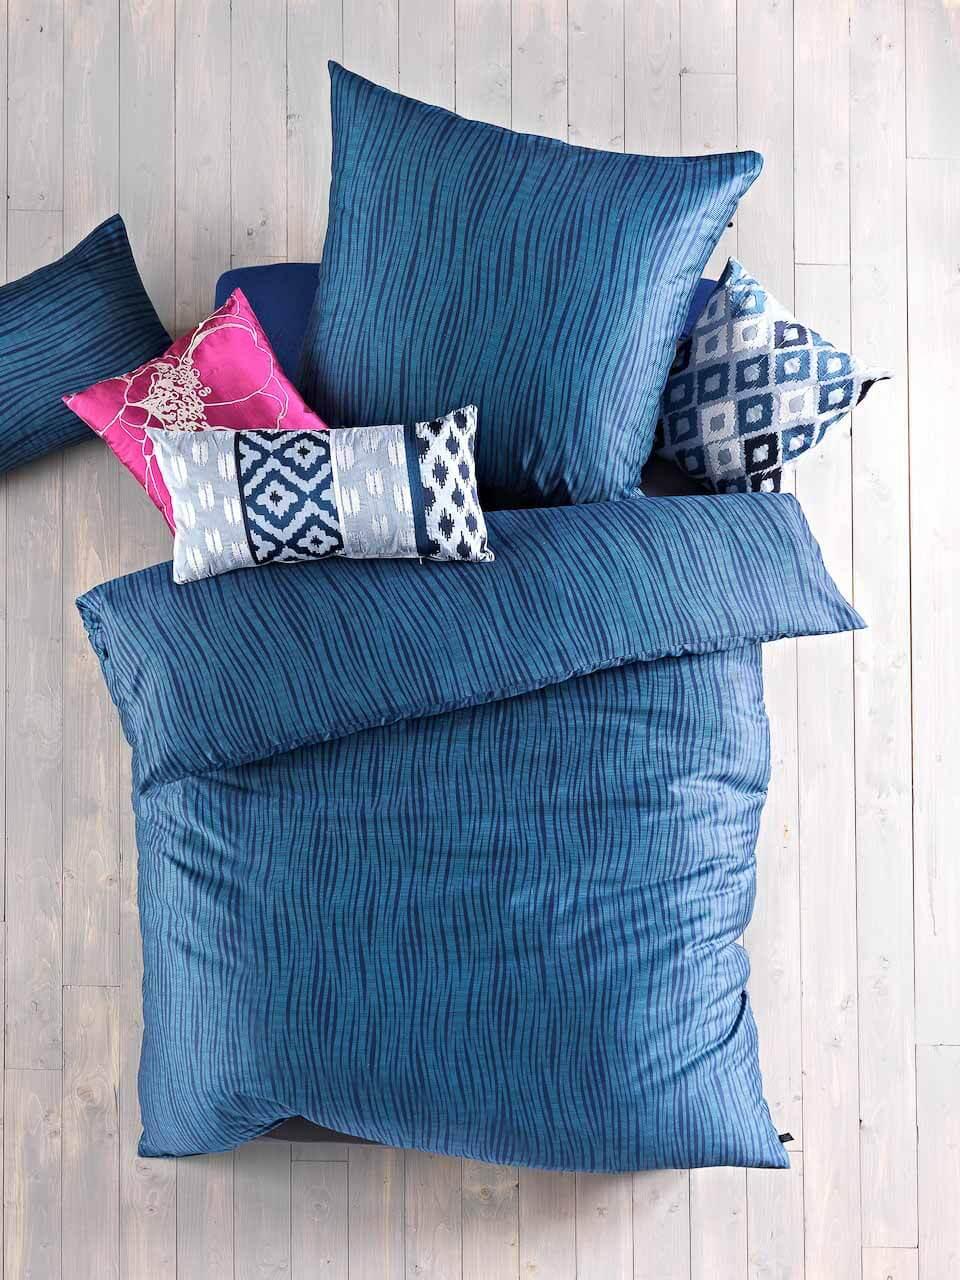 mako satin bettw sche new york homesphere onlineshop f r heimtextilien und mehr. Black Bedroom Furniture Sets. Home Design Ideas